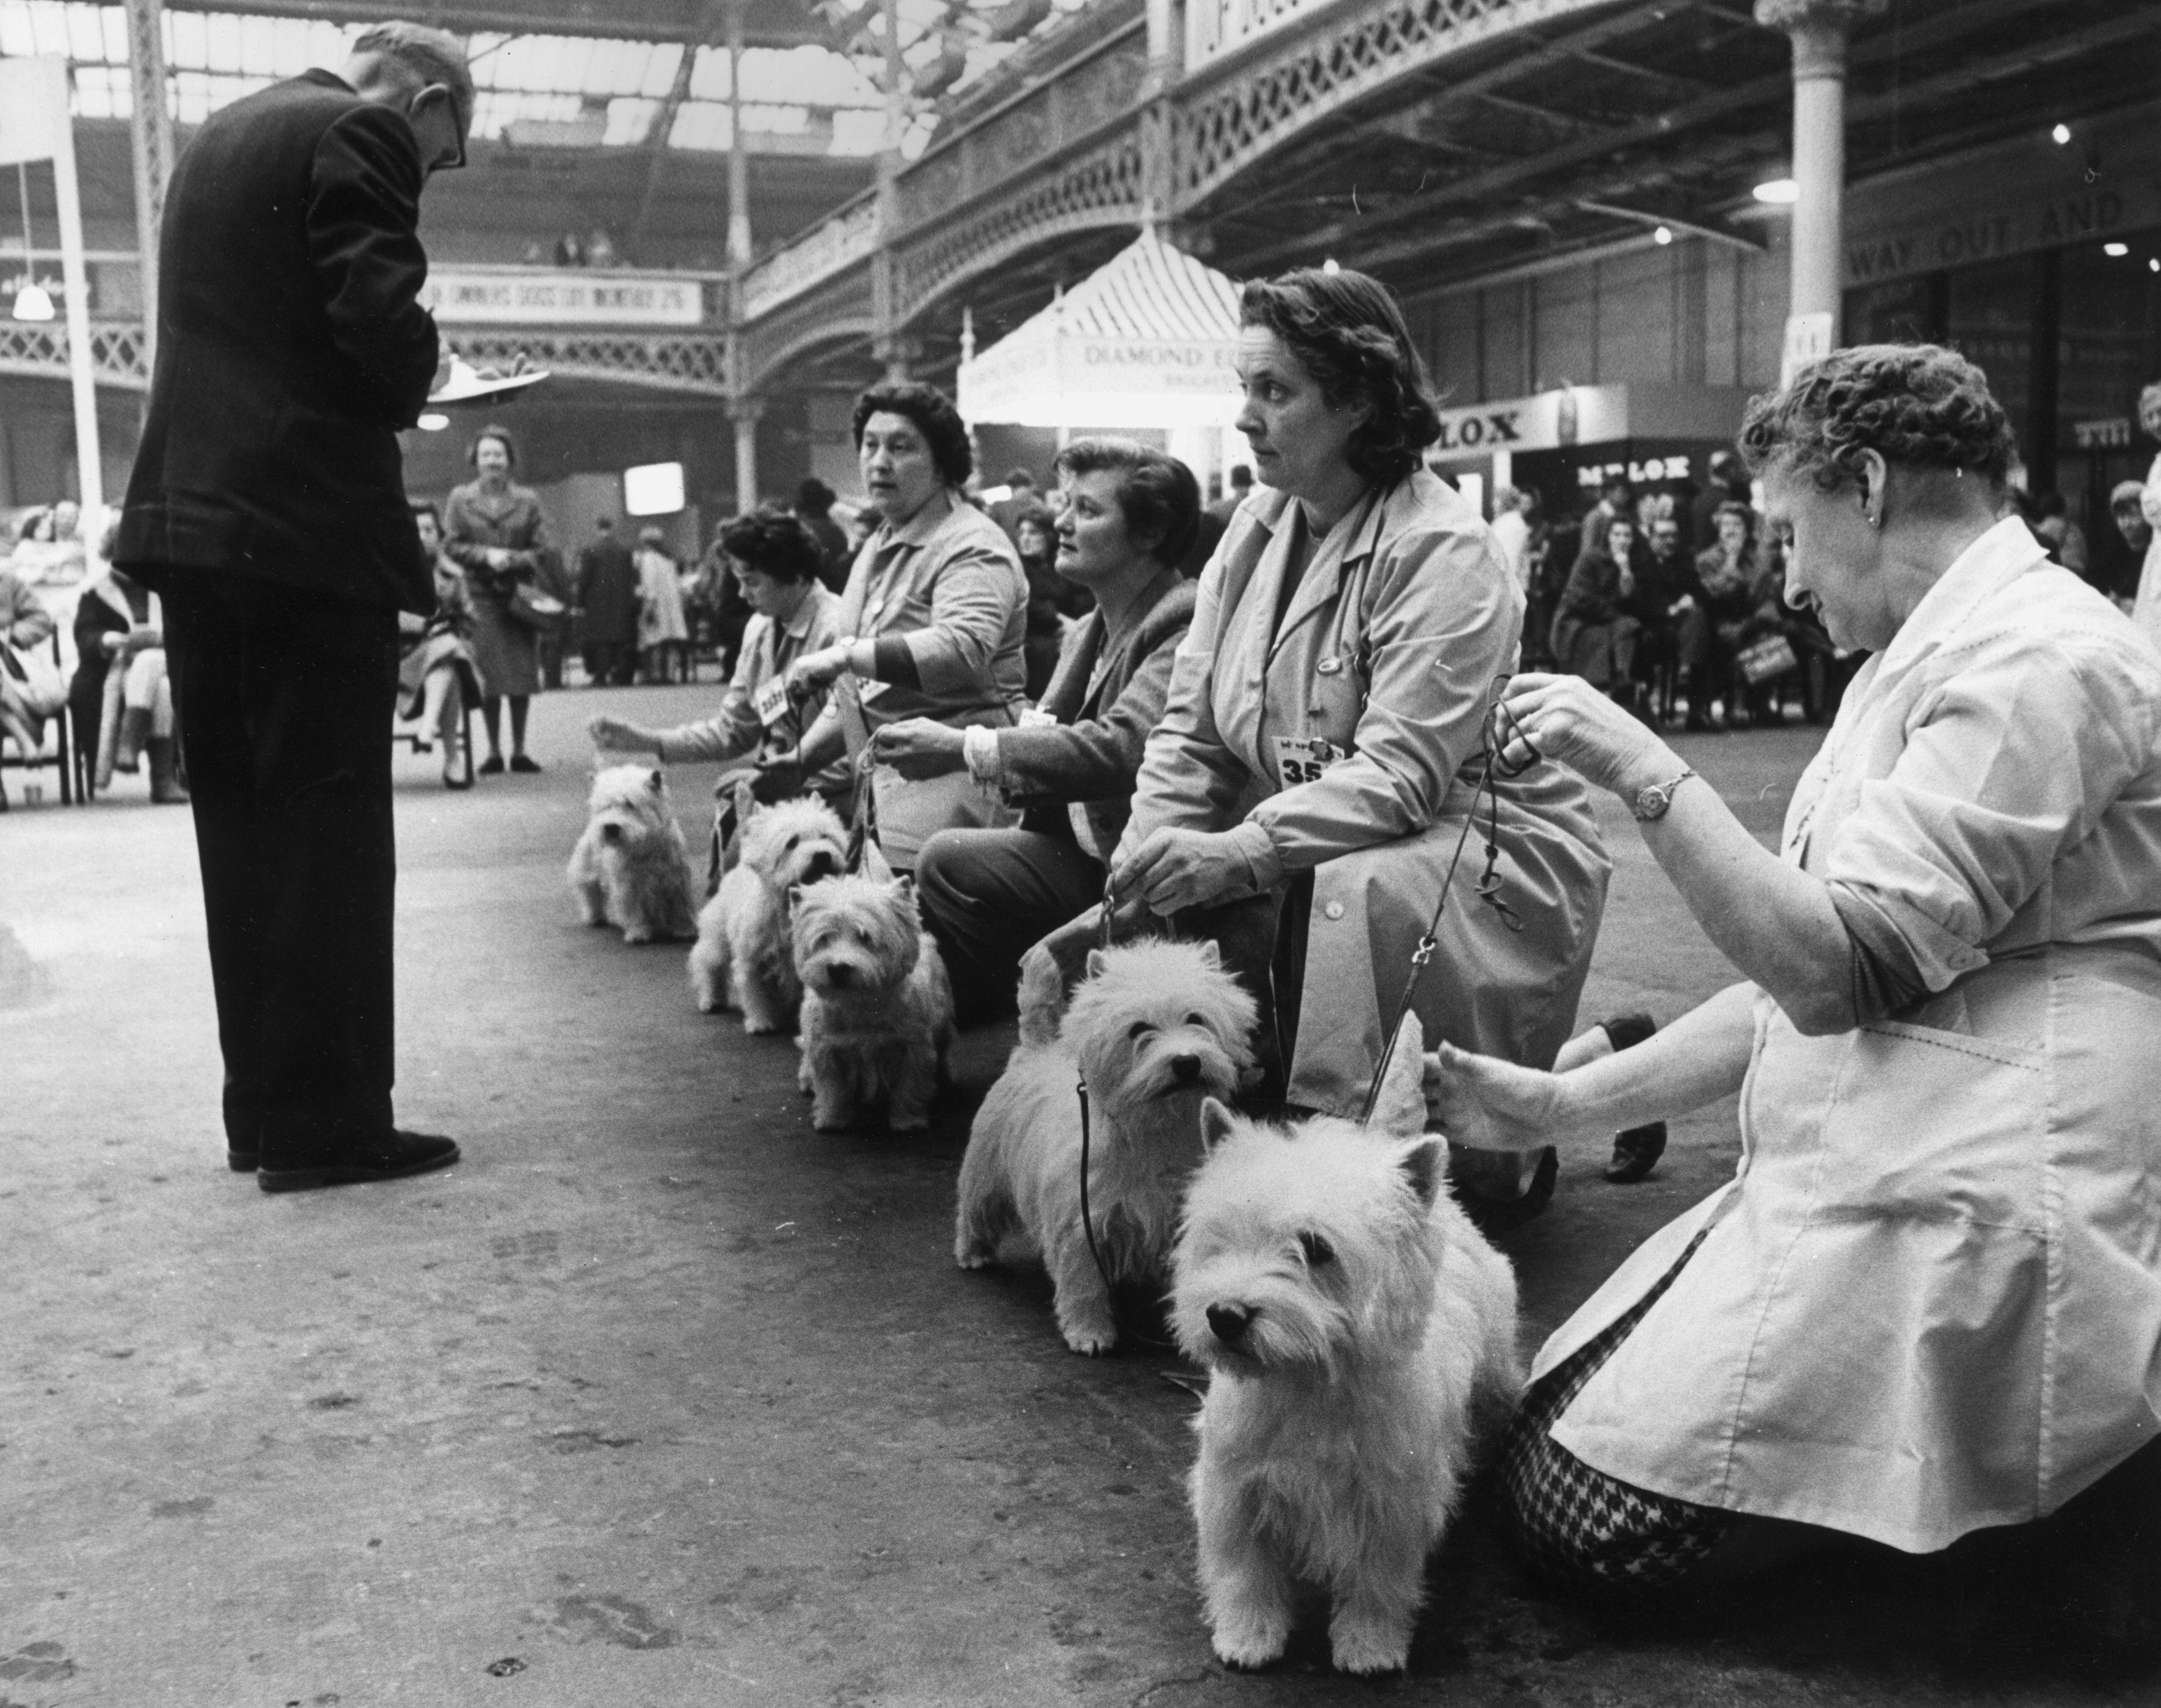 Westie Cruft's Dog Show